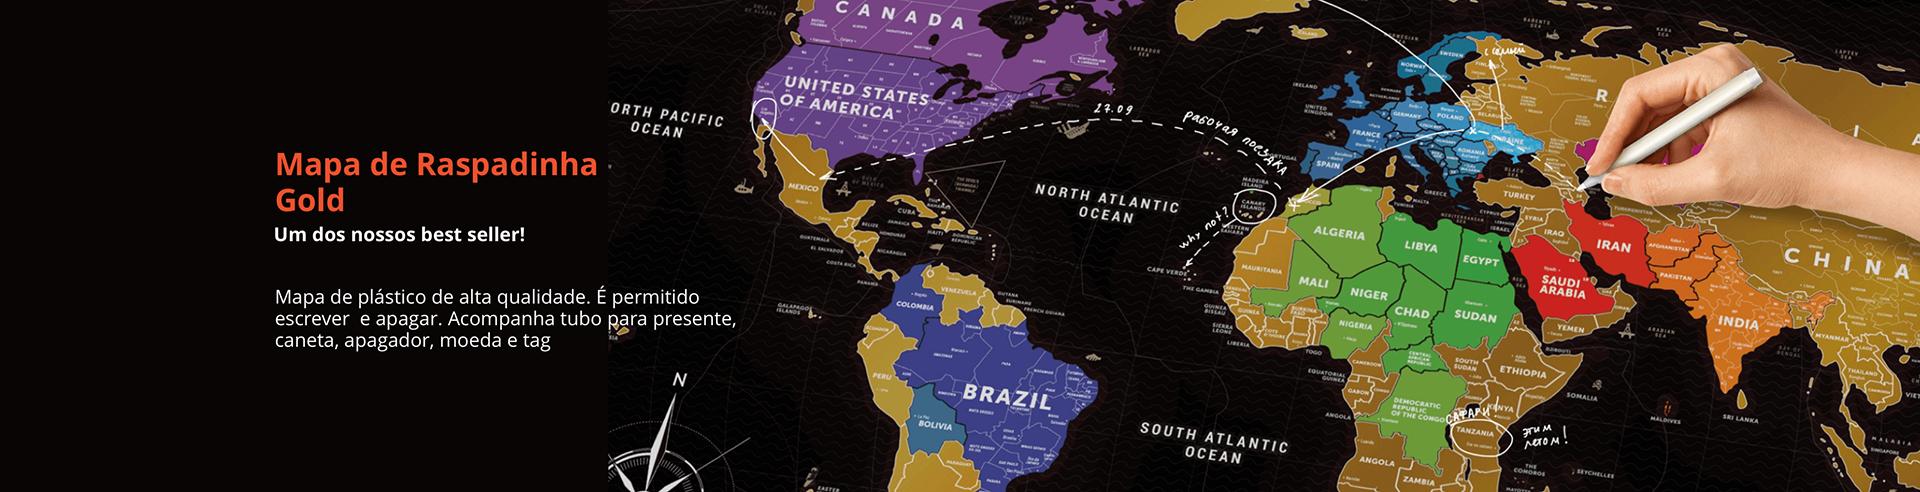 Mapa de Raspadinha Gold